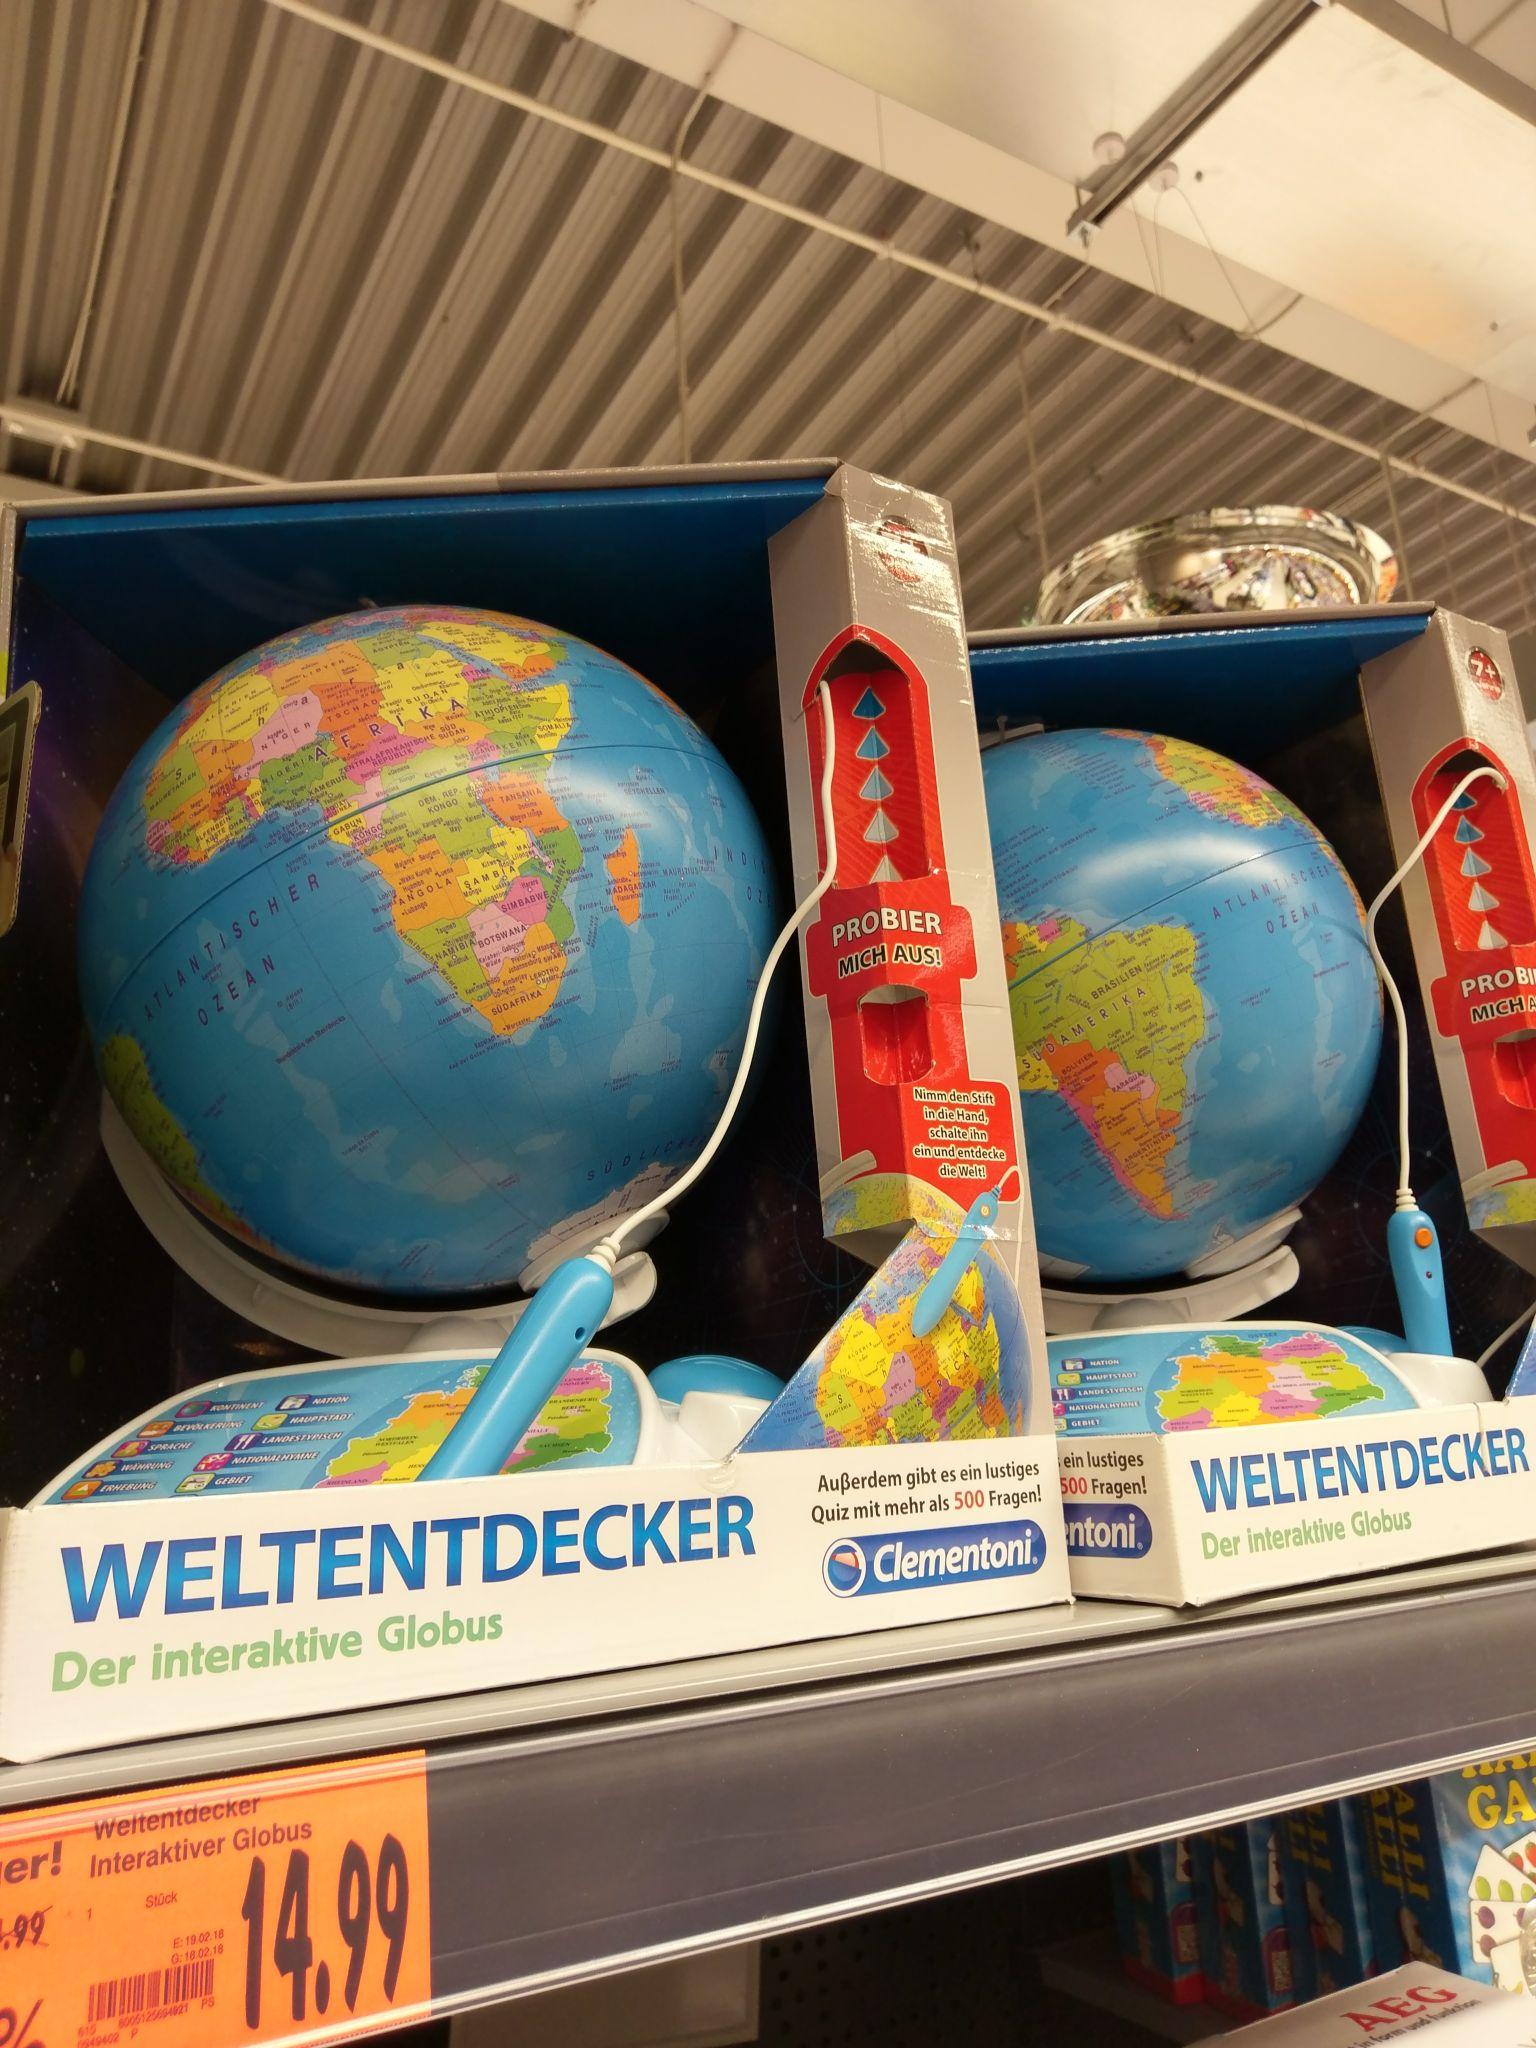 [Kaufland / Berlin-Wedding / Müllerstr.]Clementoni Weltentdecker Galileo İnteraktiver Globus mit Stift